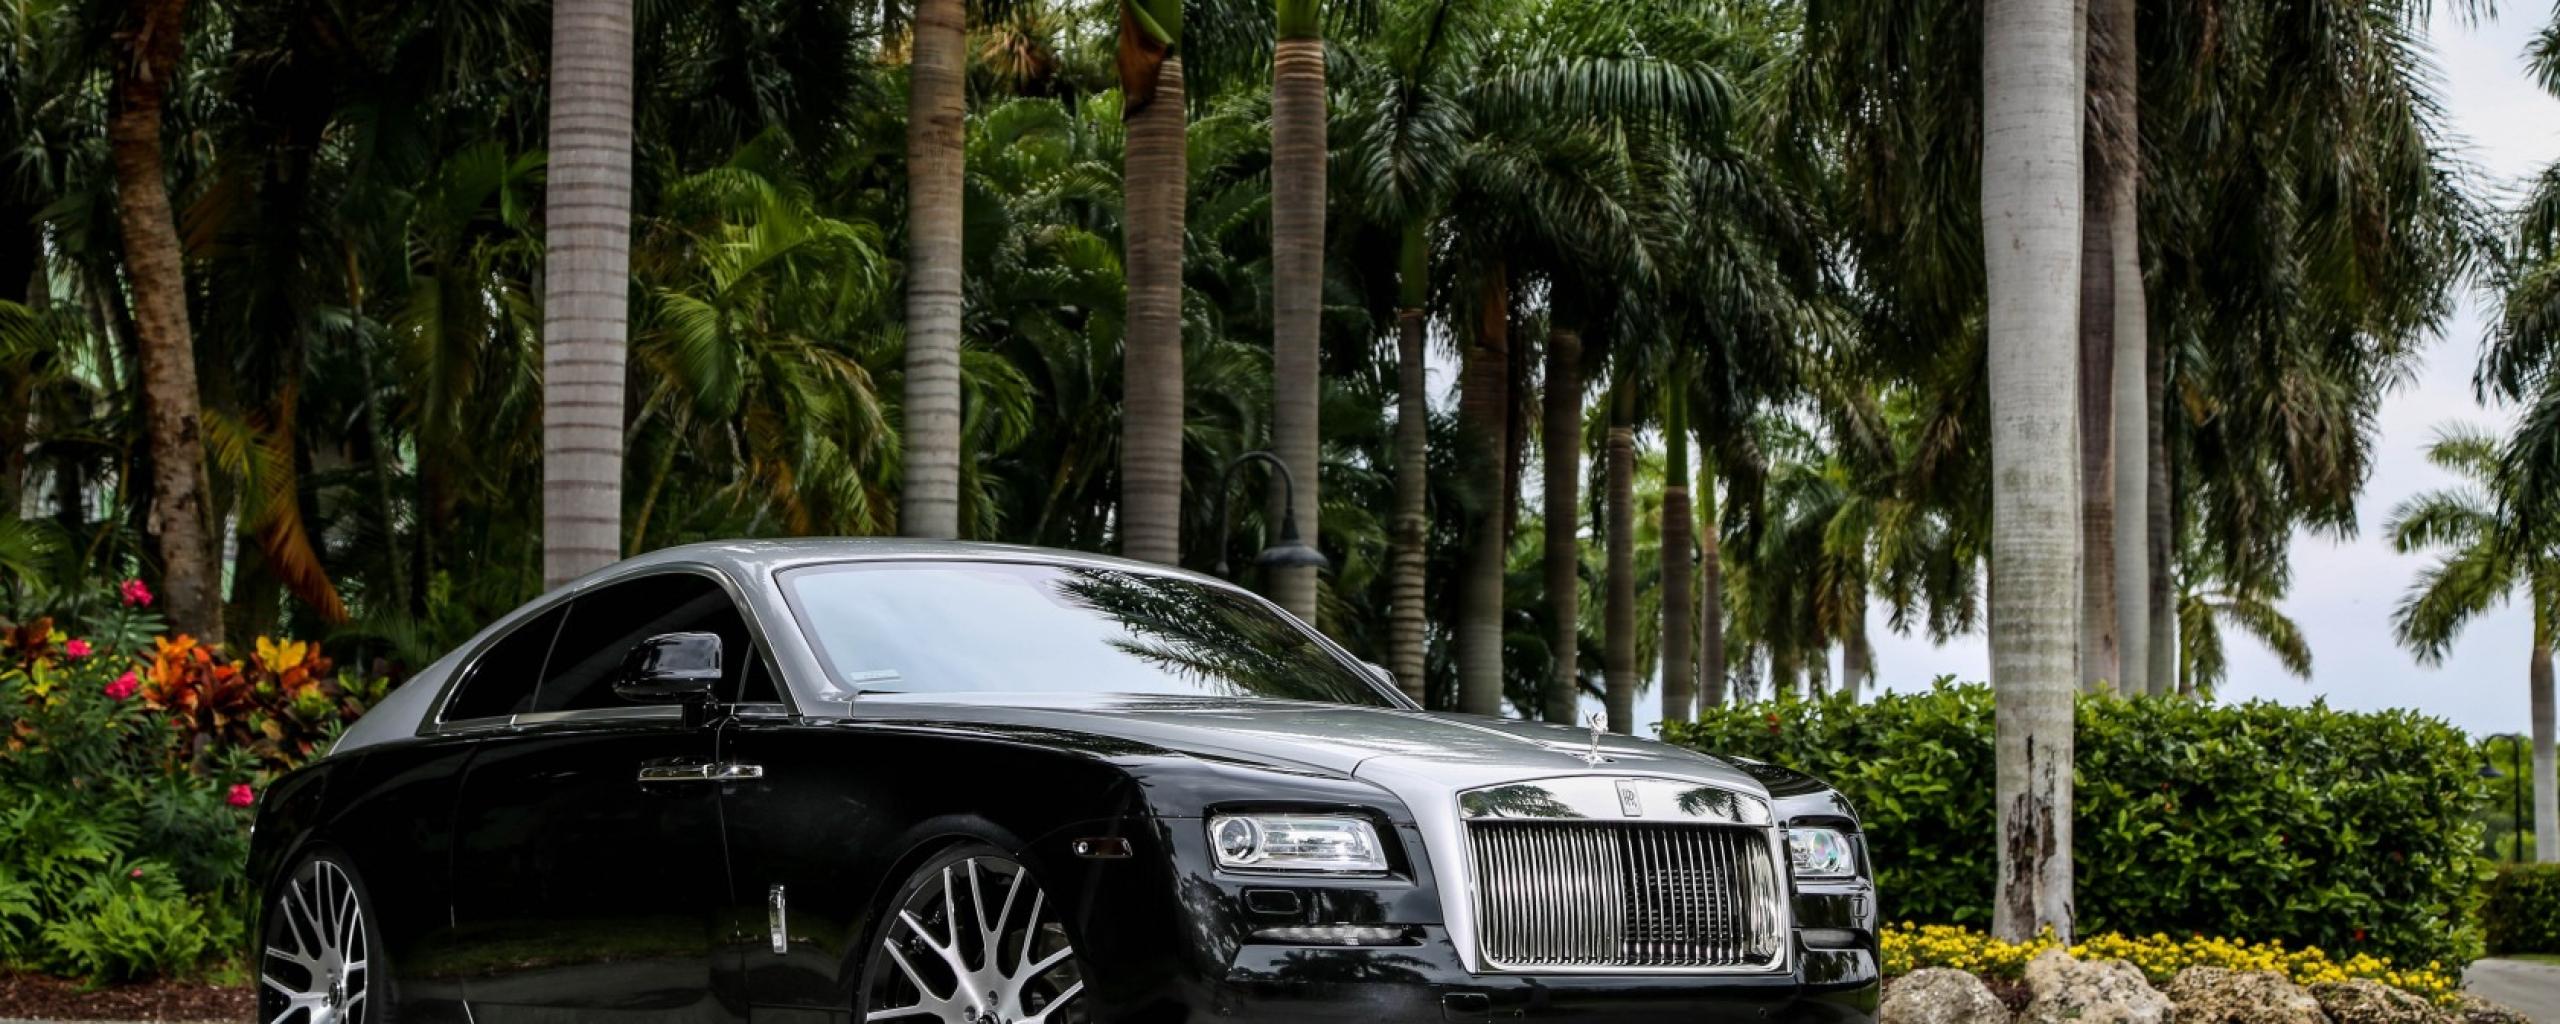 2560x1024 rolls-royce, wraith, black 2560x1024 Resolution ...